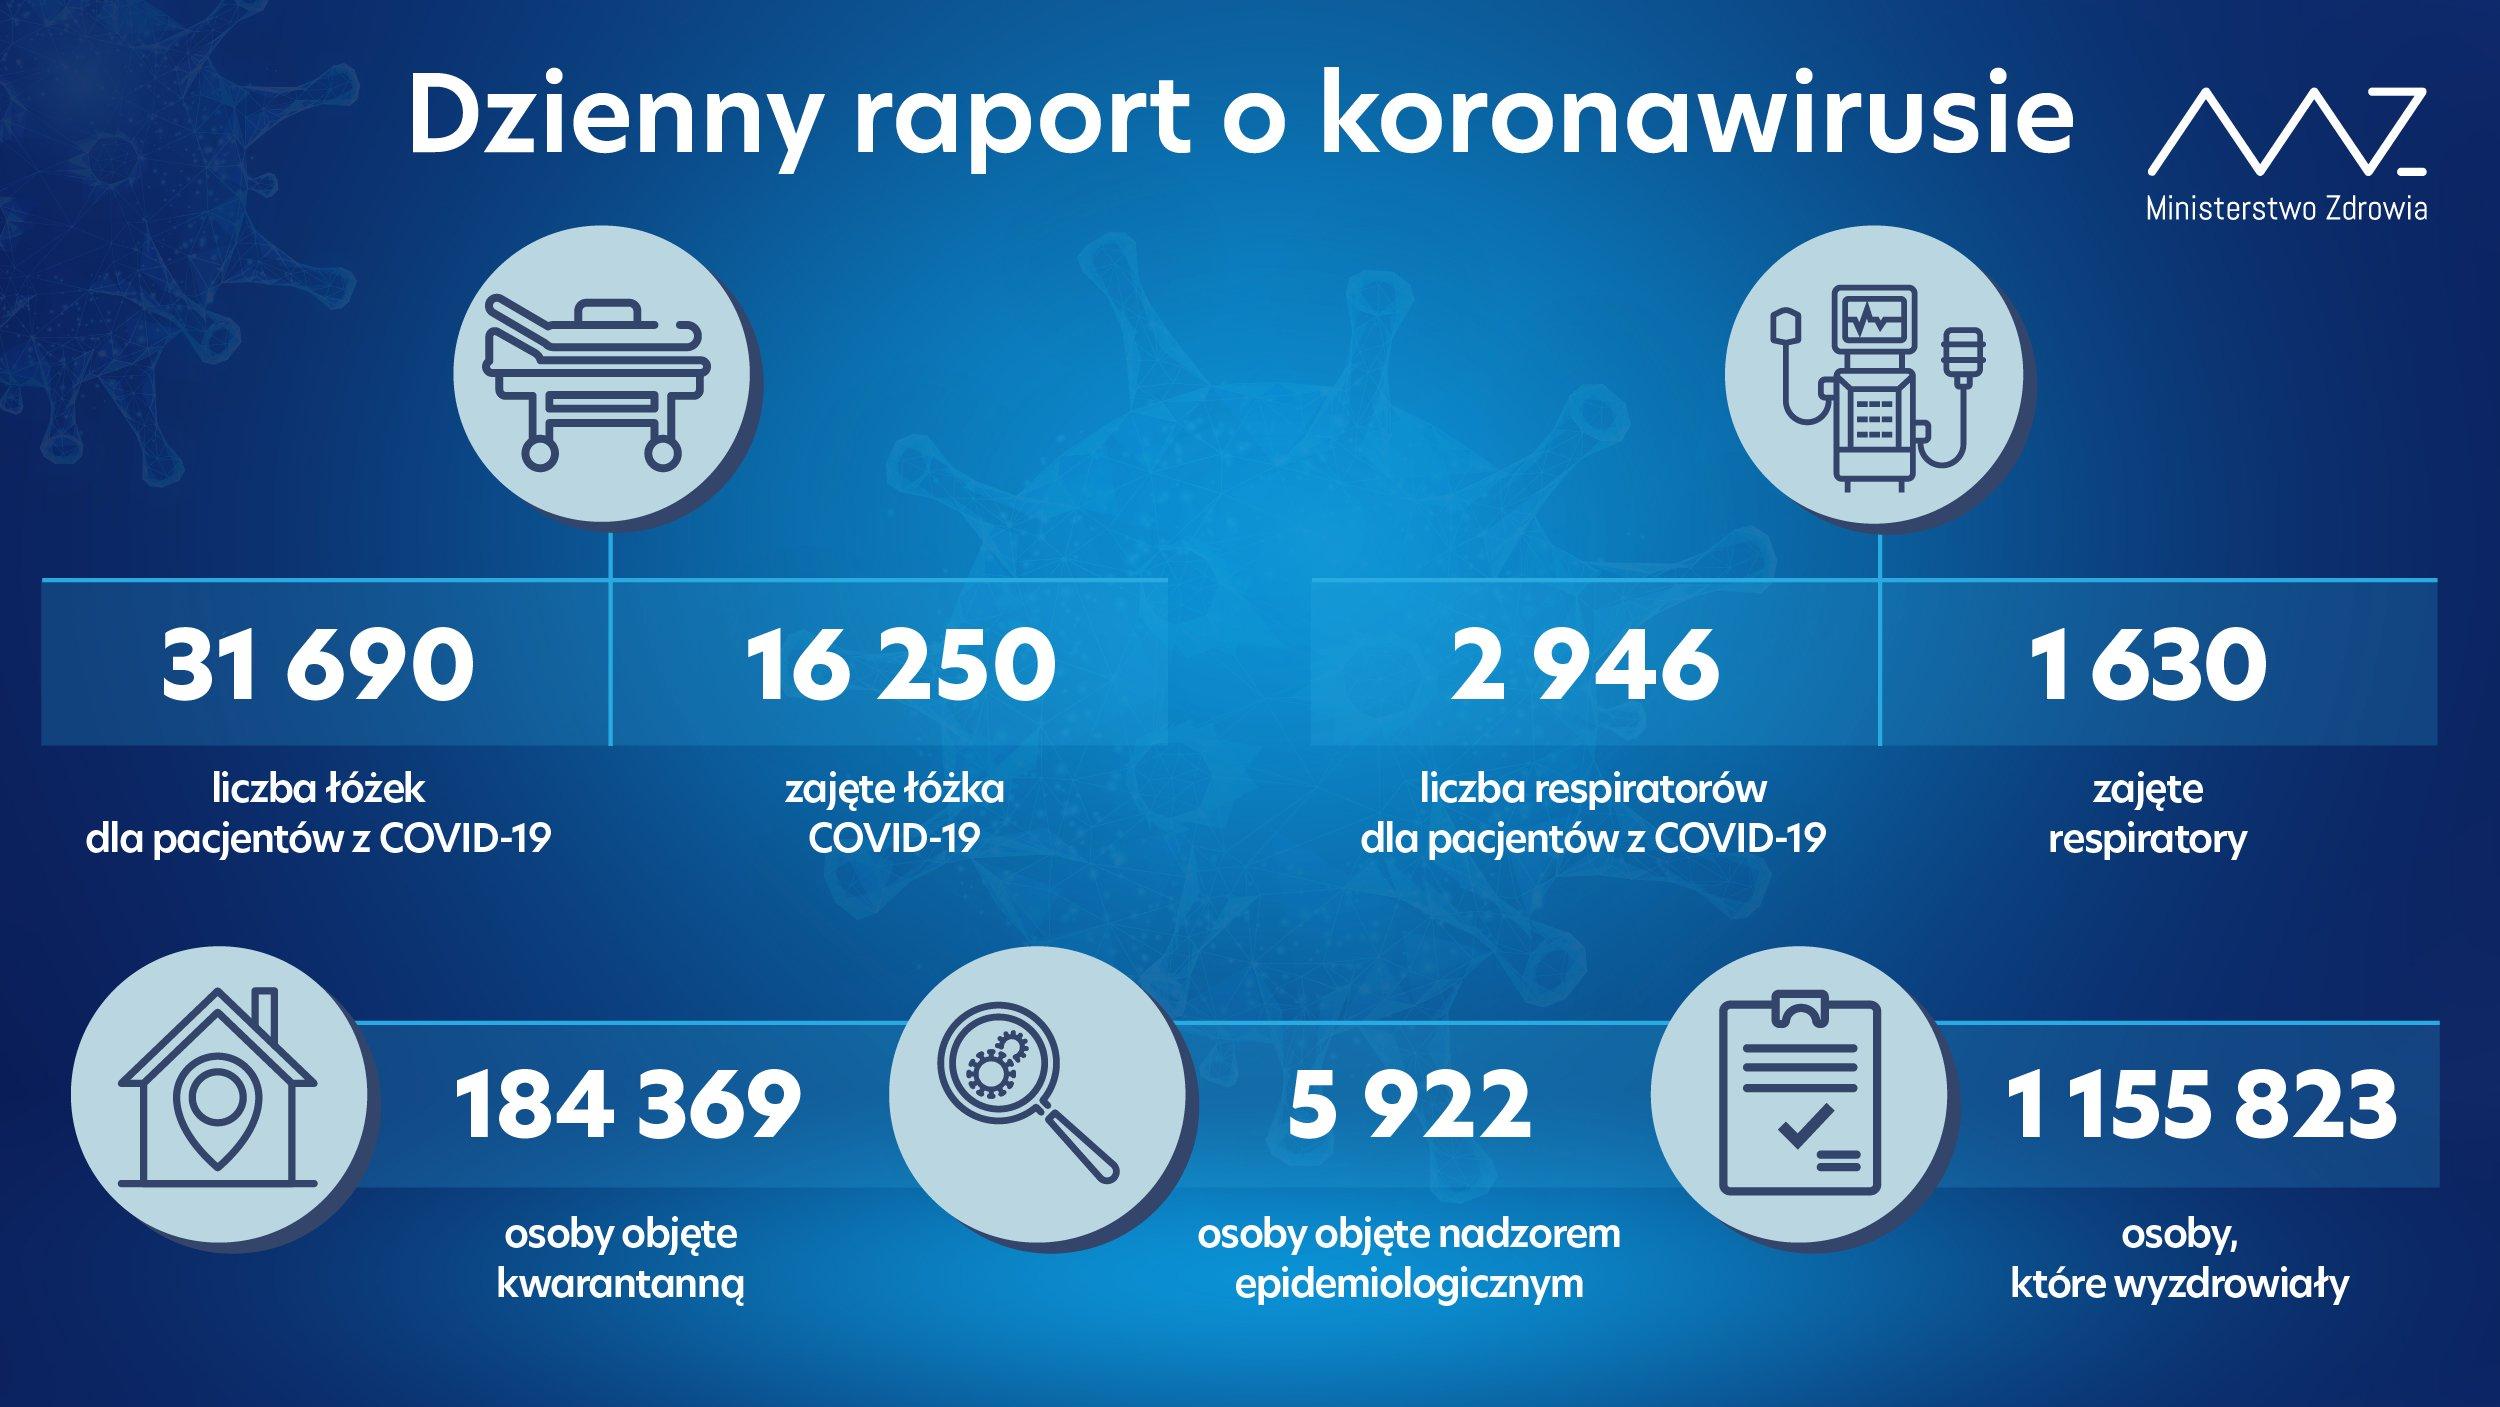 - liczba łóżek dla pacjentów z COVID-19: 31 690 - liczba łóżek zajętych: 16 250  - liczba respiratorów dla pacjentów z COVID-19: 2 946 - liczba zajętych respiratorów: 1 630  - liczba osób objętych kwarantanną: 184 369 - liczba osób objętych nadzorem sanitarno-epidemiologicznym: 5 922 - liczba osób, które wyzdrowiały: 1 155 823